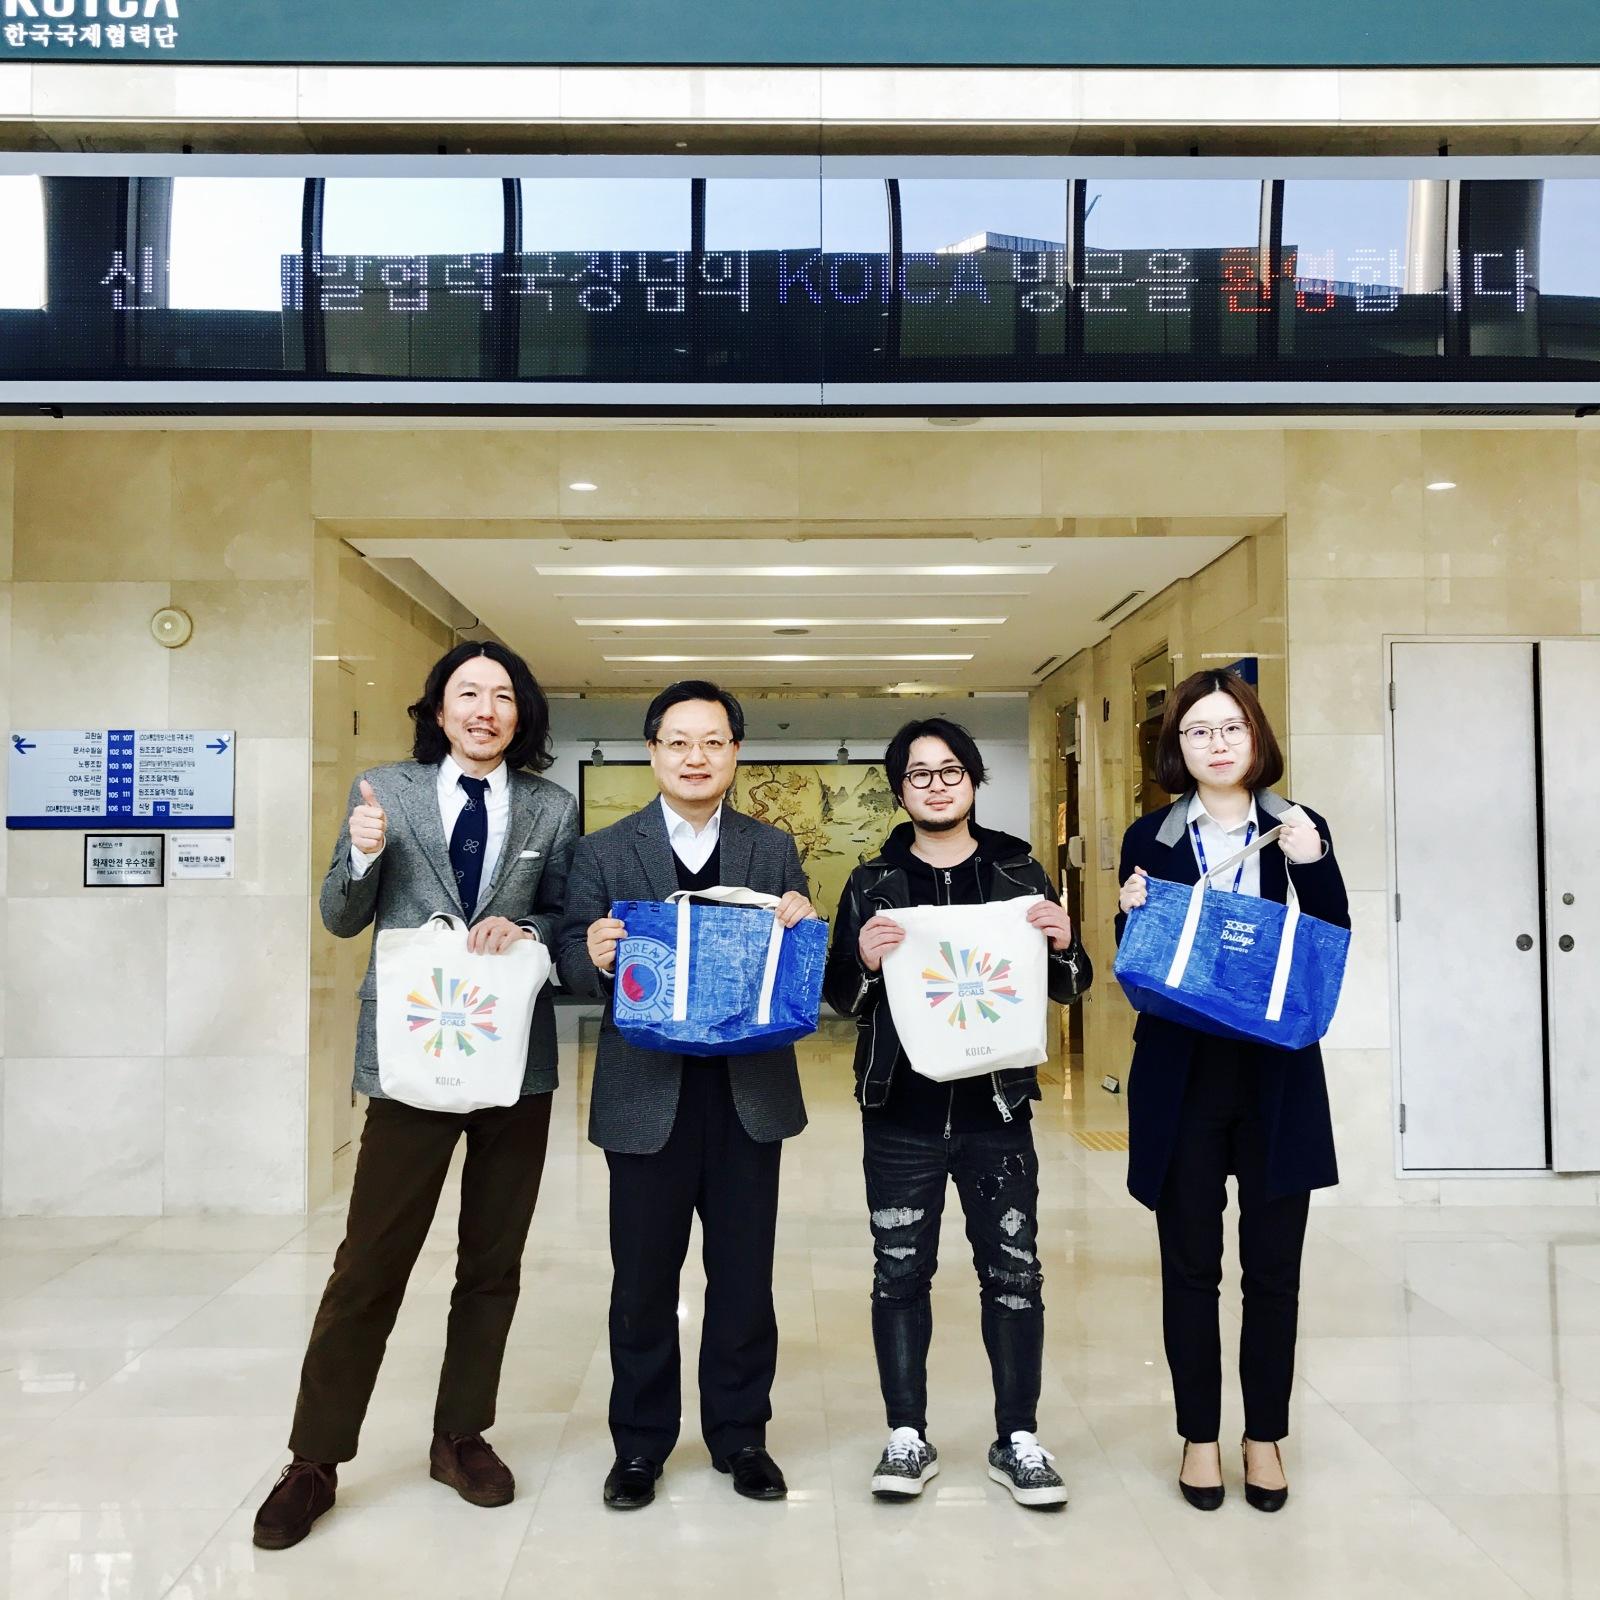 韓国から支援でいただいたブルーシートを用いた『BLUE SEED BAG』を寄贈しに韓国を訪れた際の写真